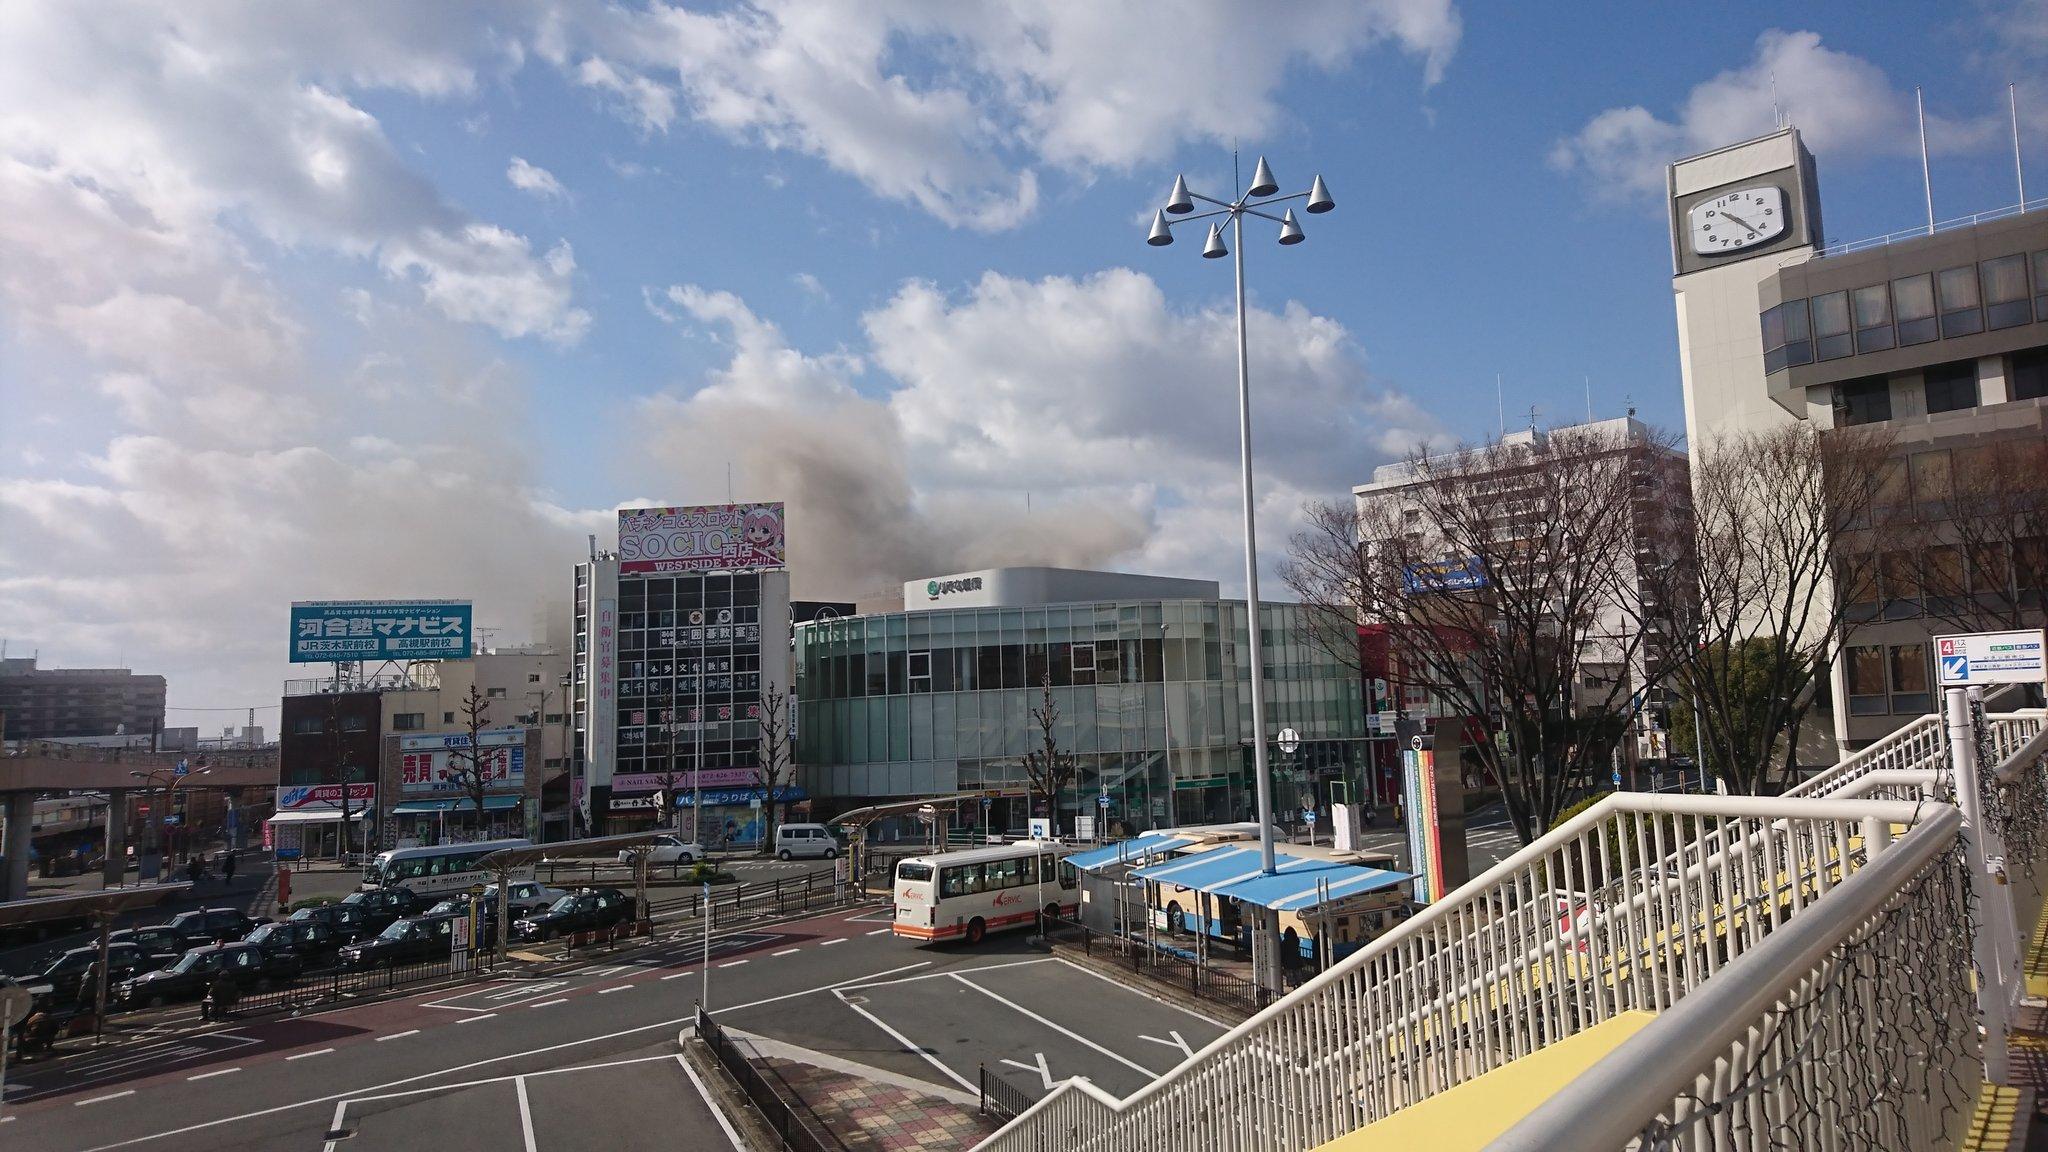 画像,茨木駅前、煙が上がってるぞ🤔 https://t.co/JDEGBSBMLp。